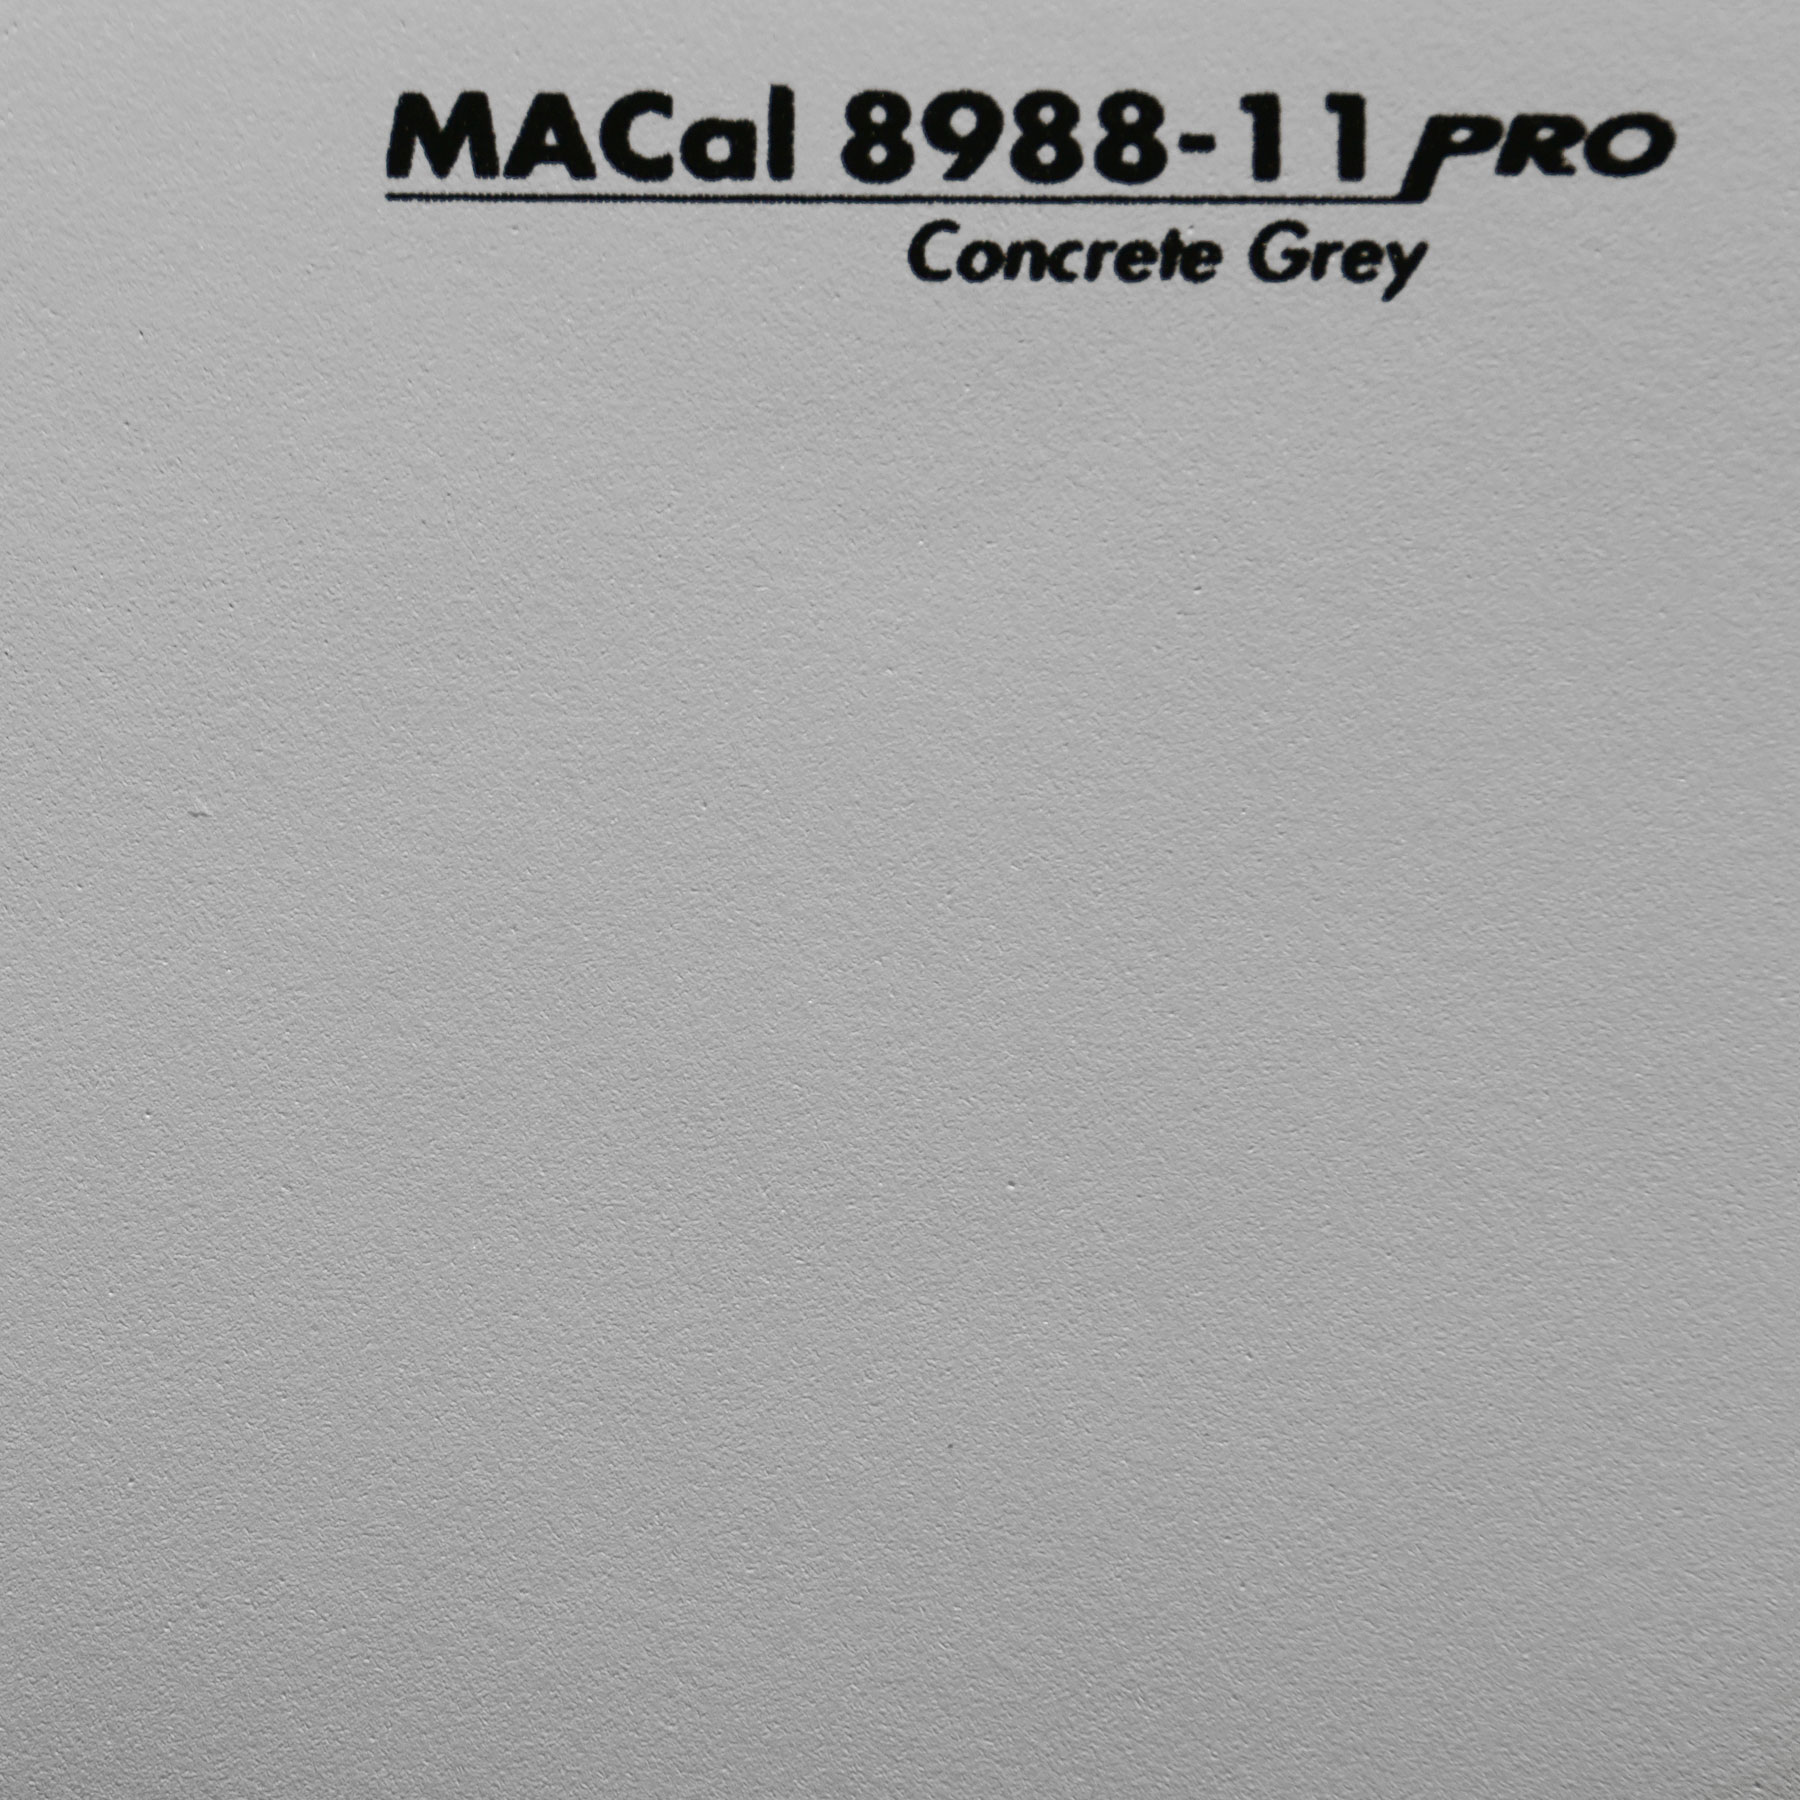 Klebefolie grau matt macal 8988 11 for Klebefolie grau matt